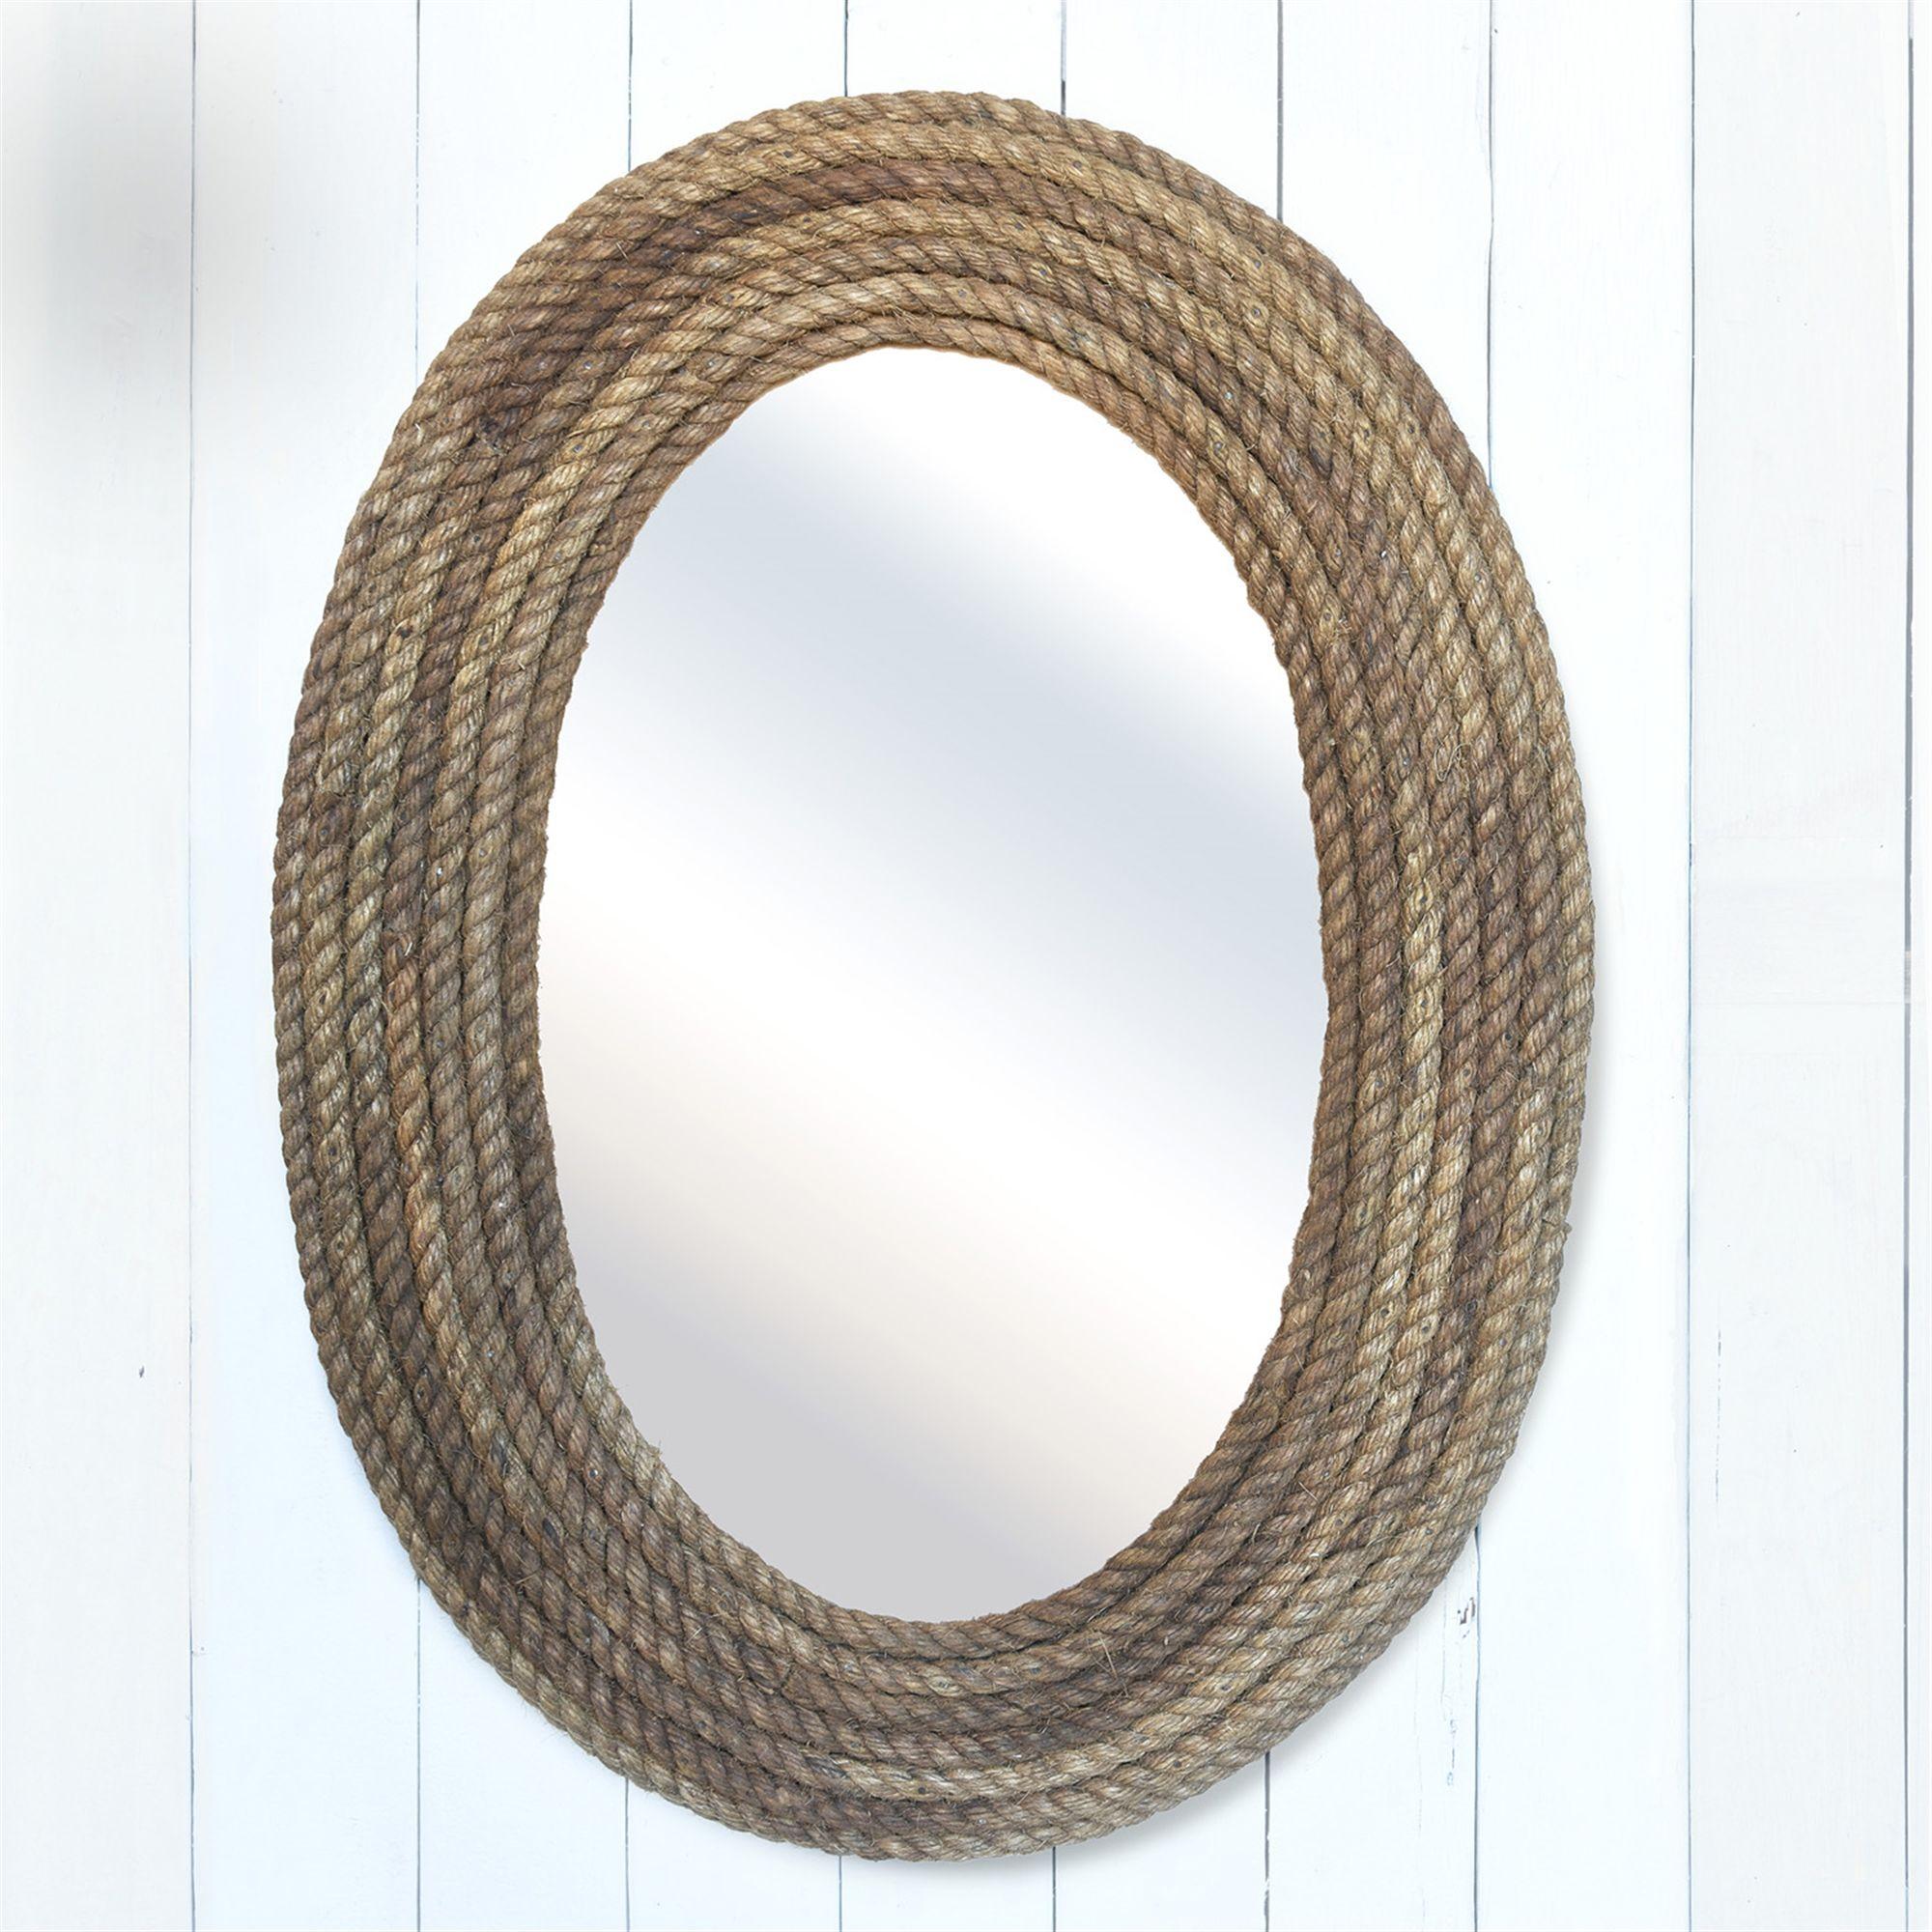 Bridgeport Oval Rope Mirror by HomArt Rope mirror